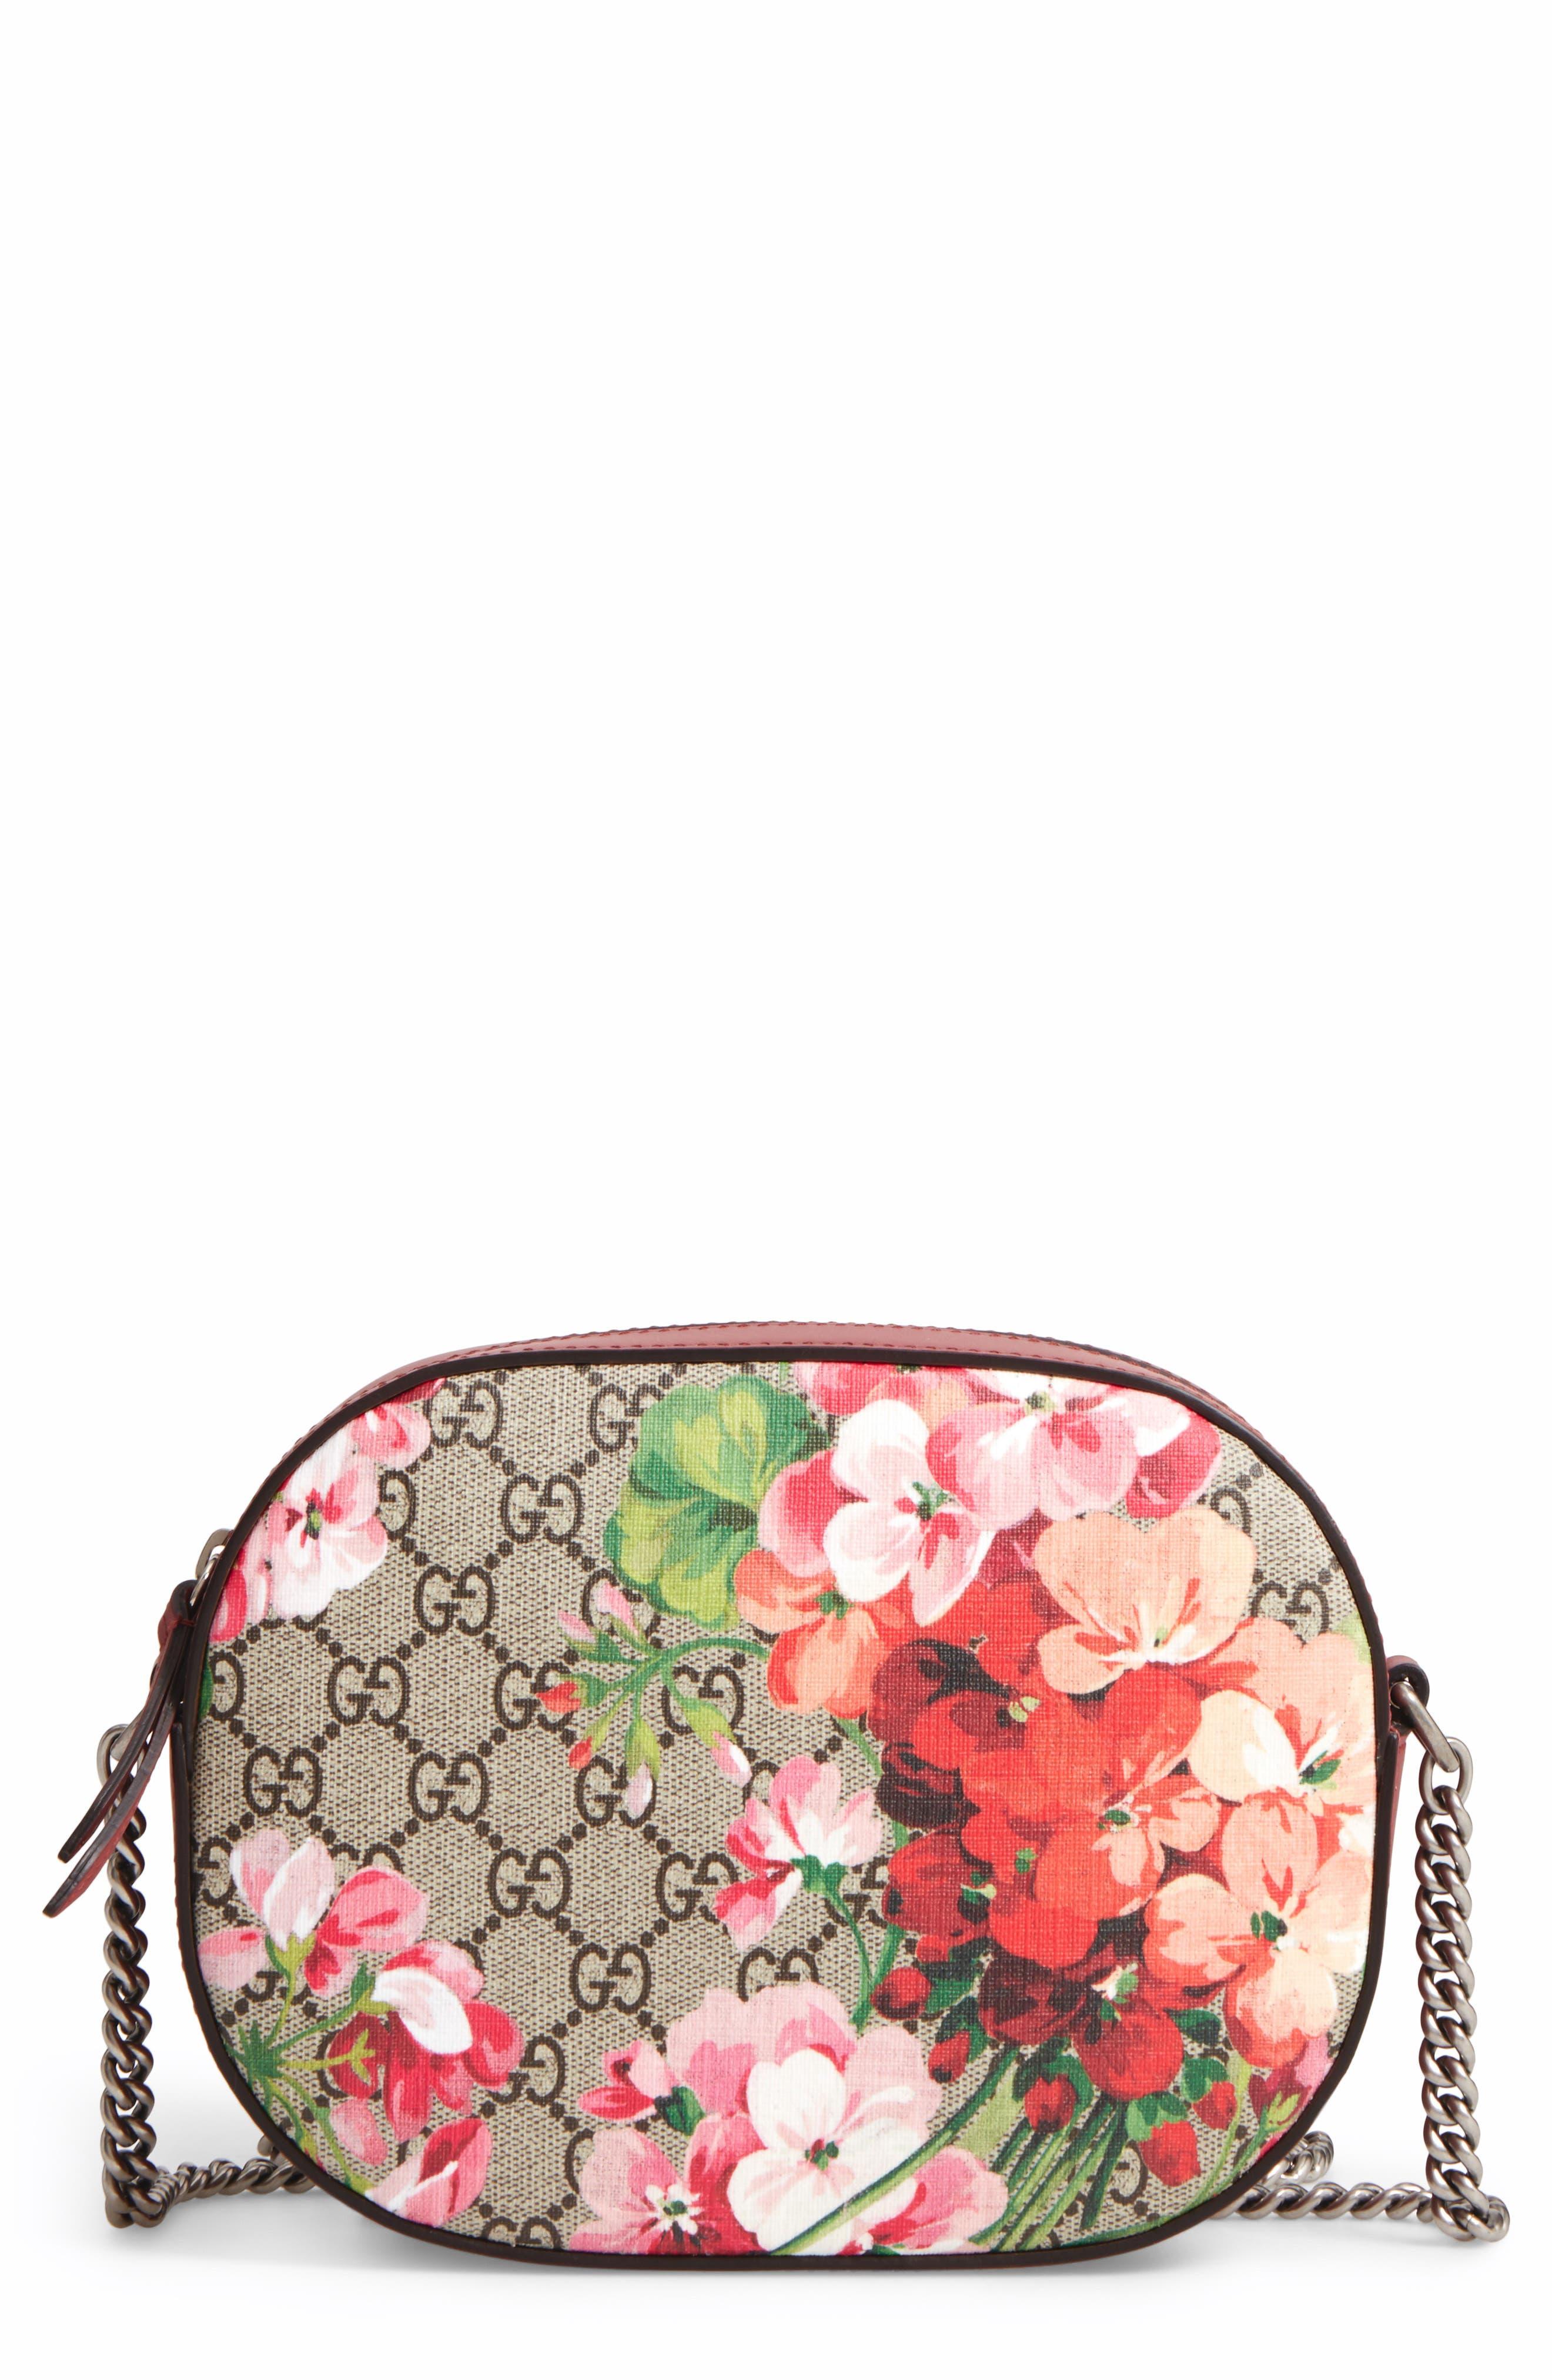 Gucci GG Blooms Supreme Canvas Shoulder Bag